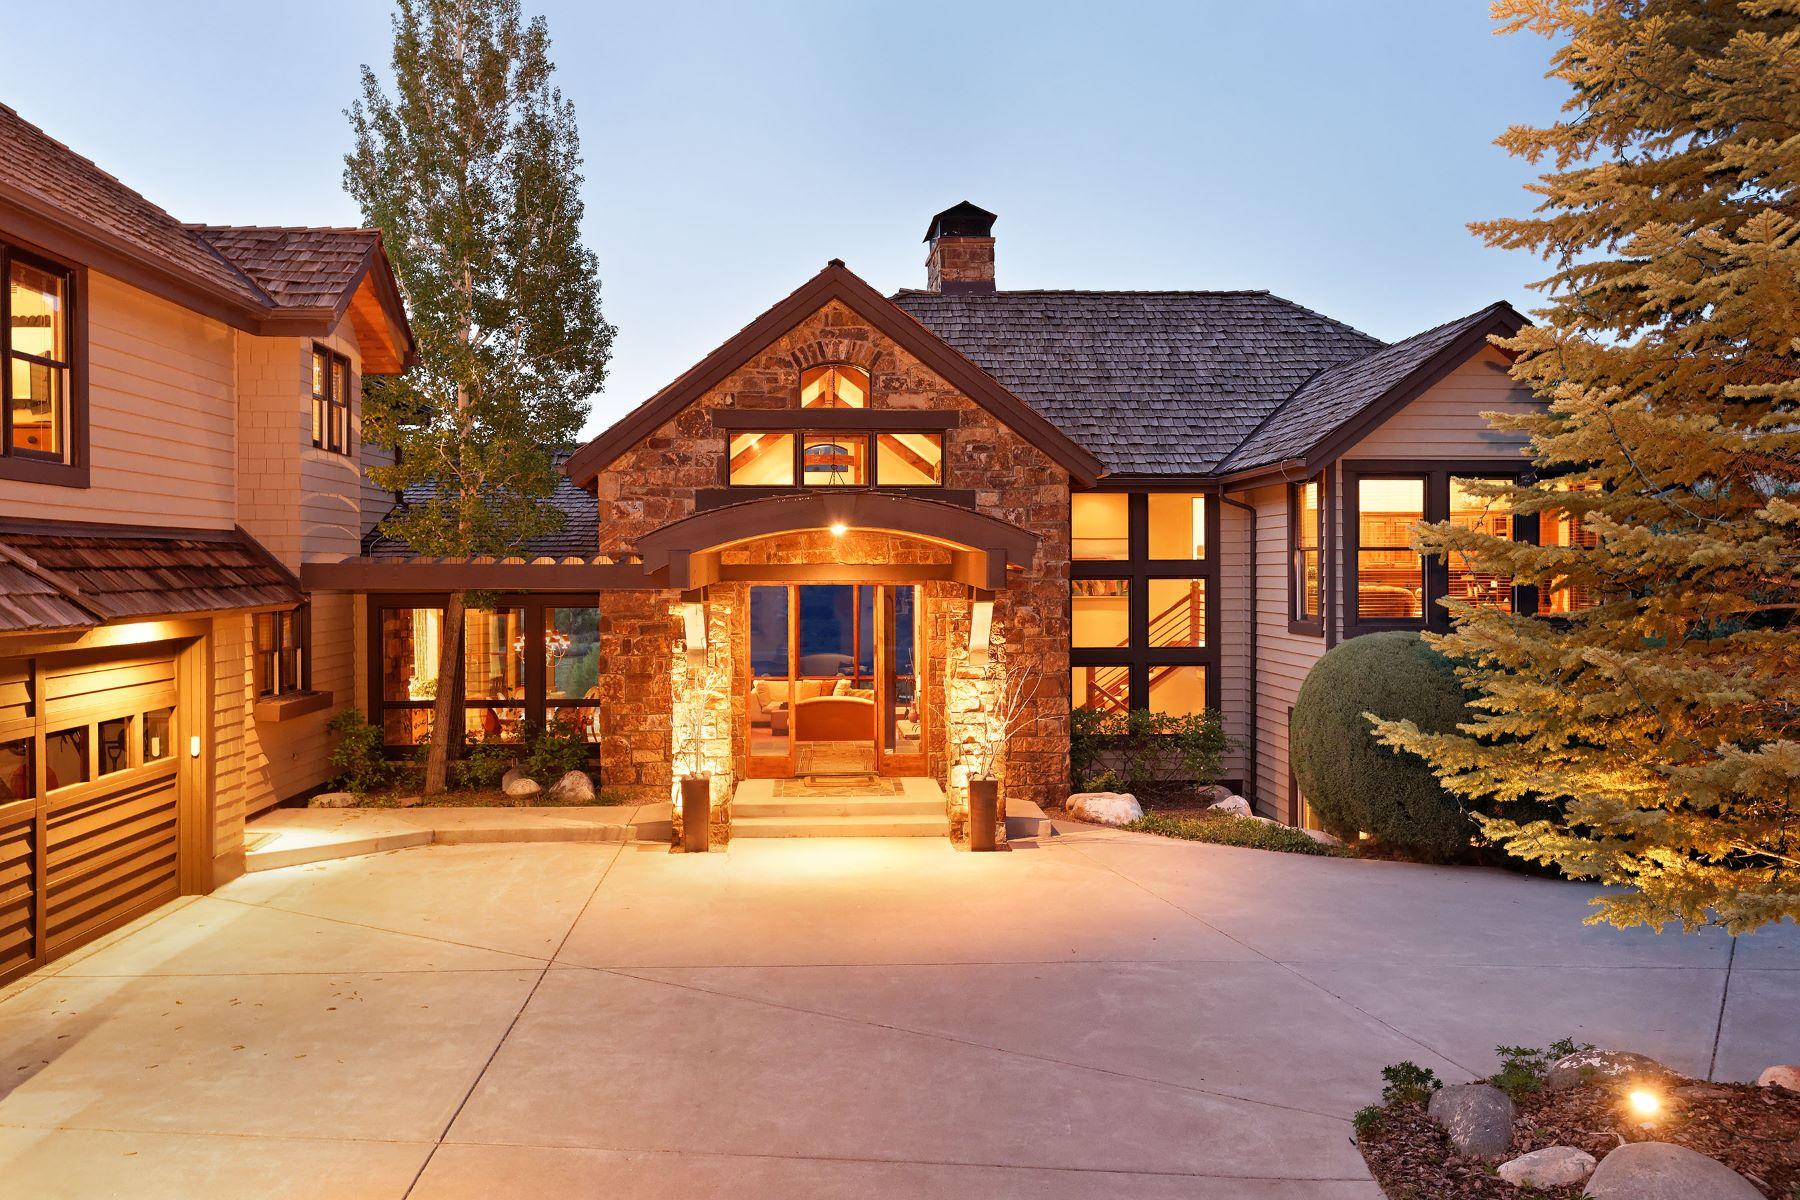 Casa Unifamiliar por un Venta en Spectacular Aspen Glen Home 198 Midland Loop Carbondale, Colorado 81623 Estados Unidos